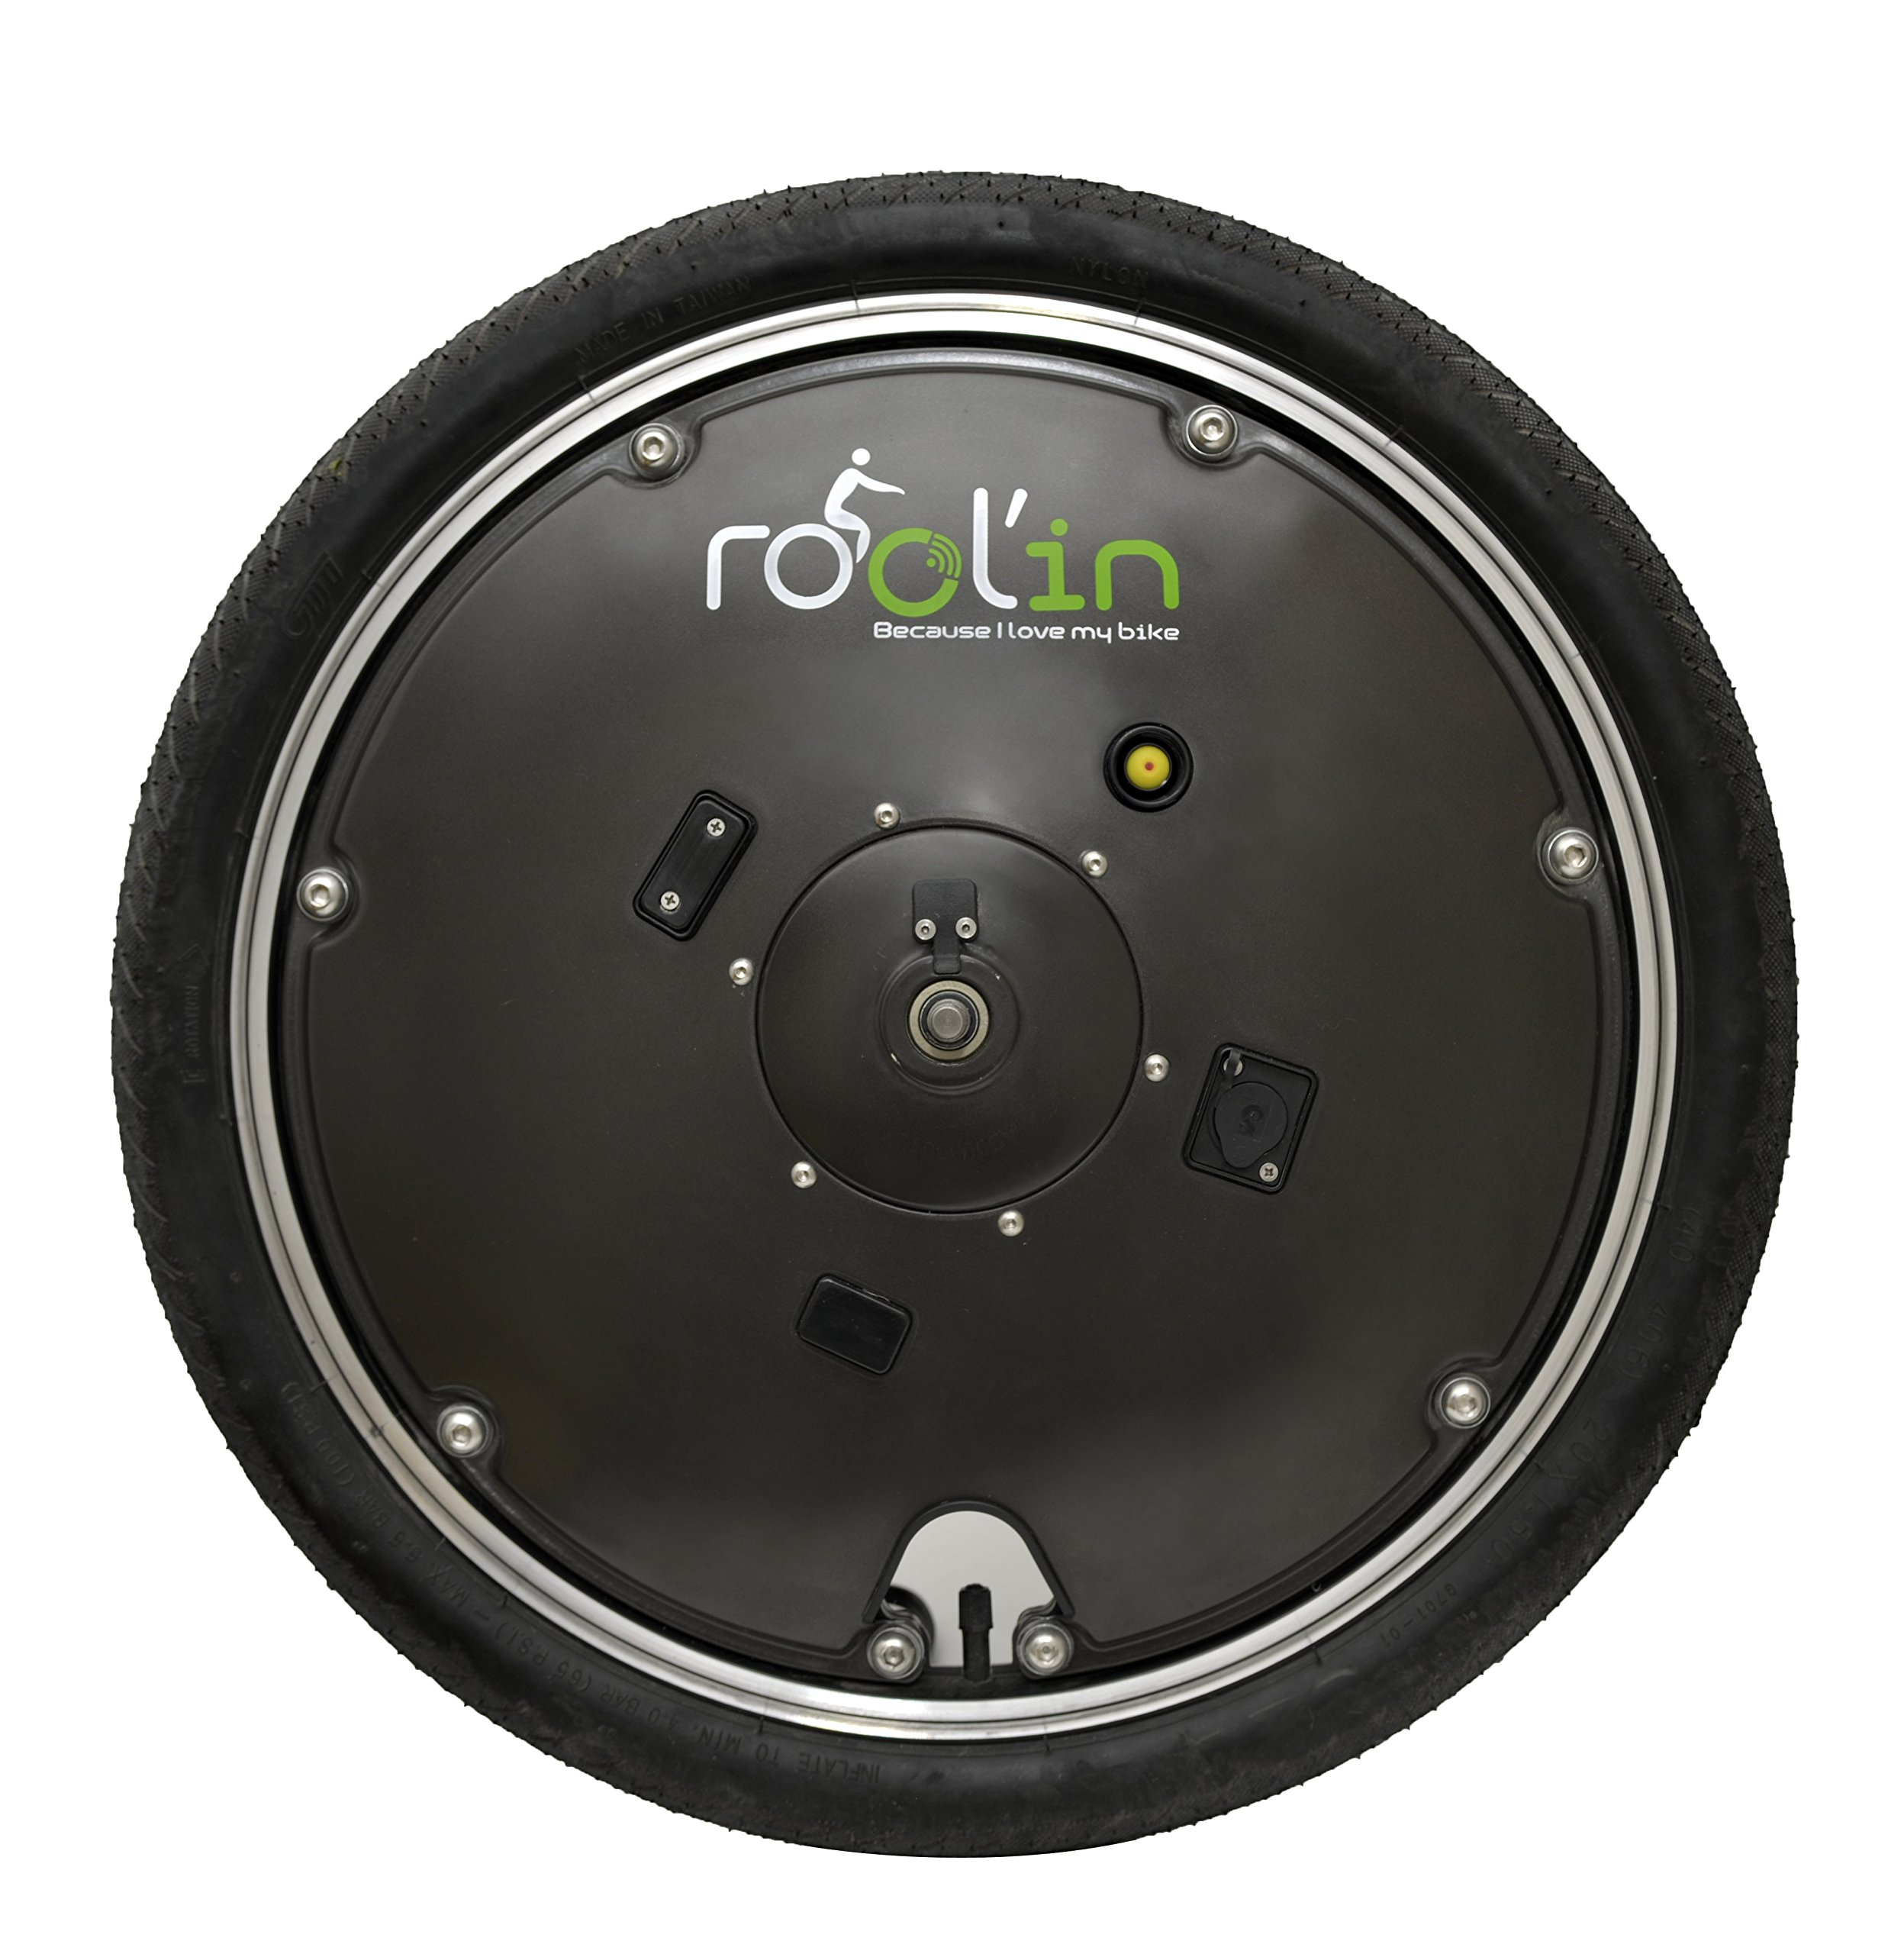 Rool'in Roue électrique pour vélo product image